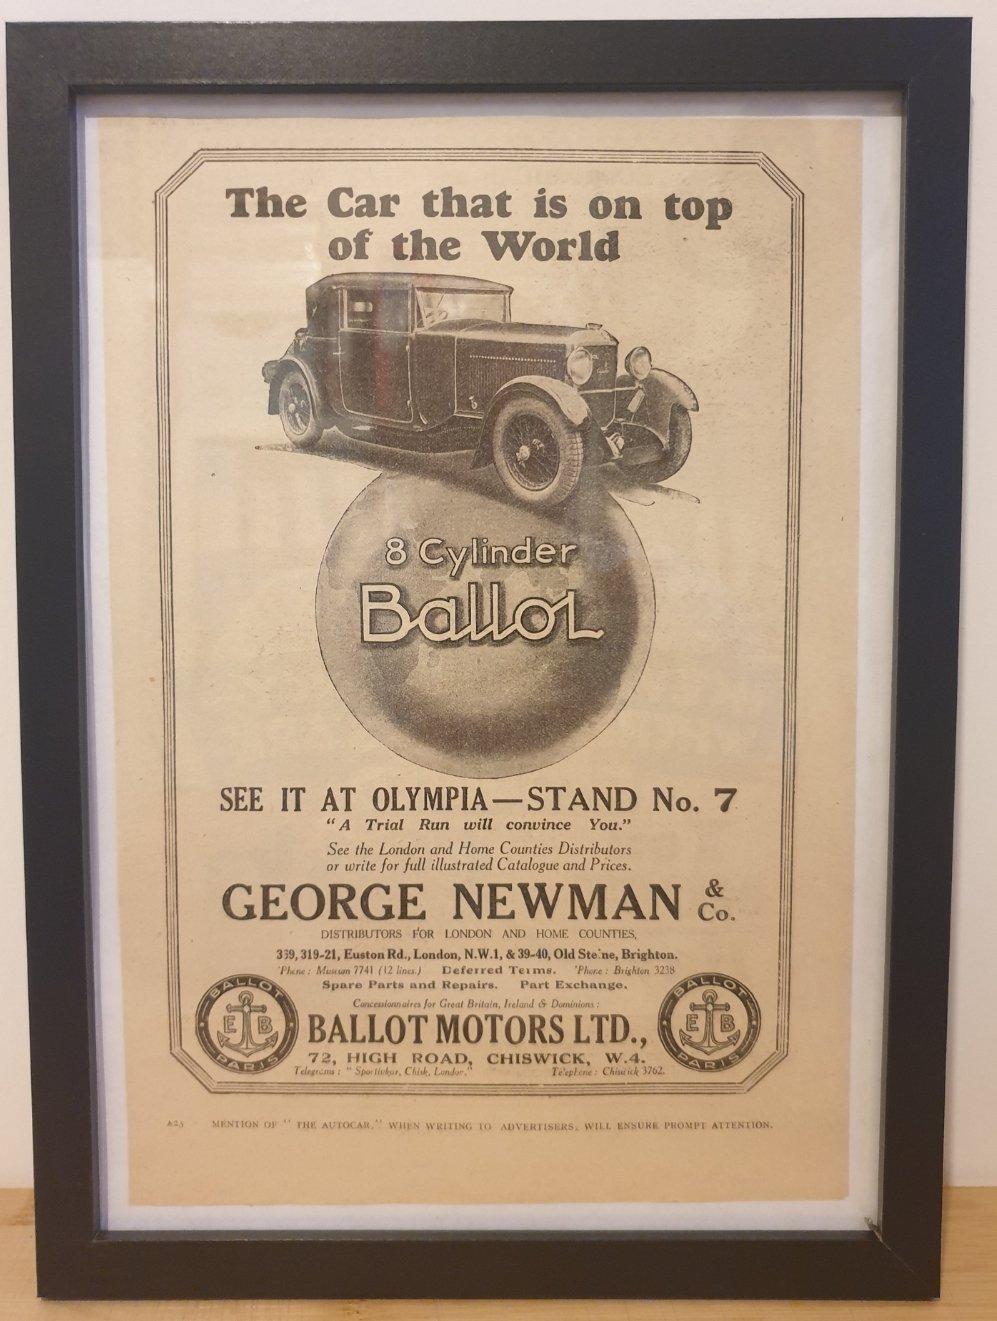 Original 1928 Ballot Motors Framed Advert